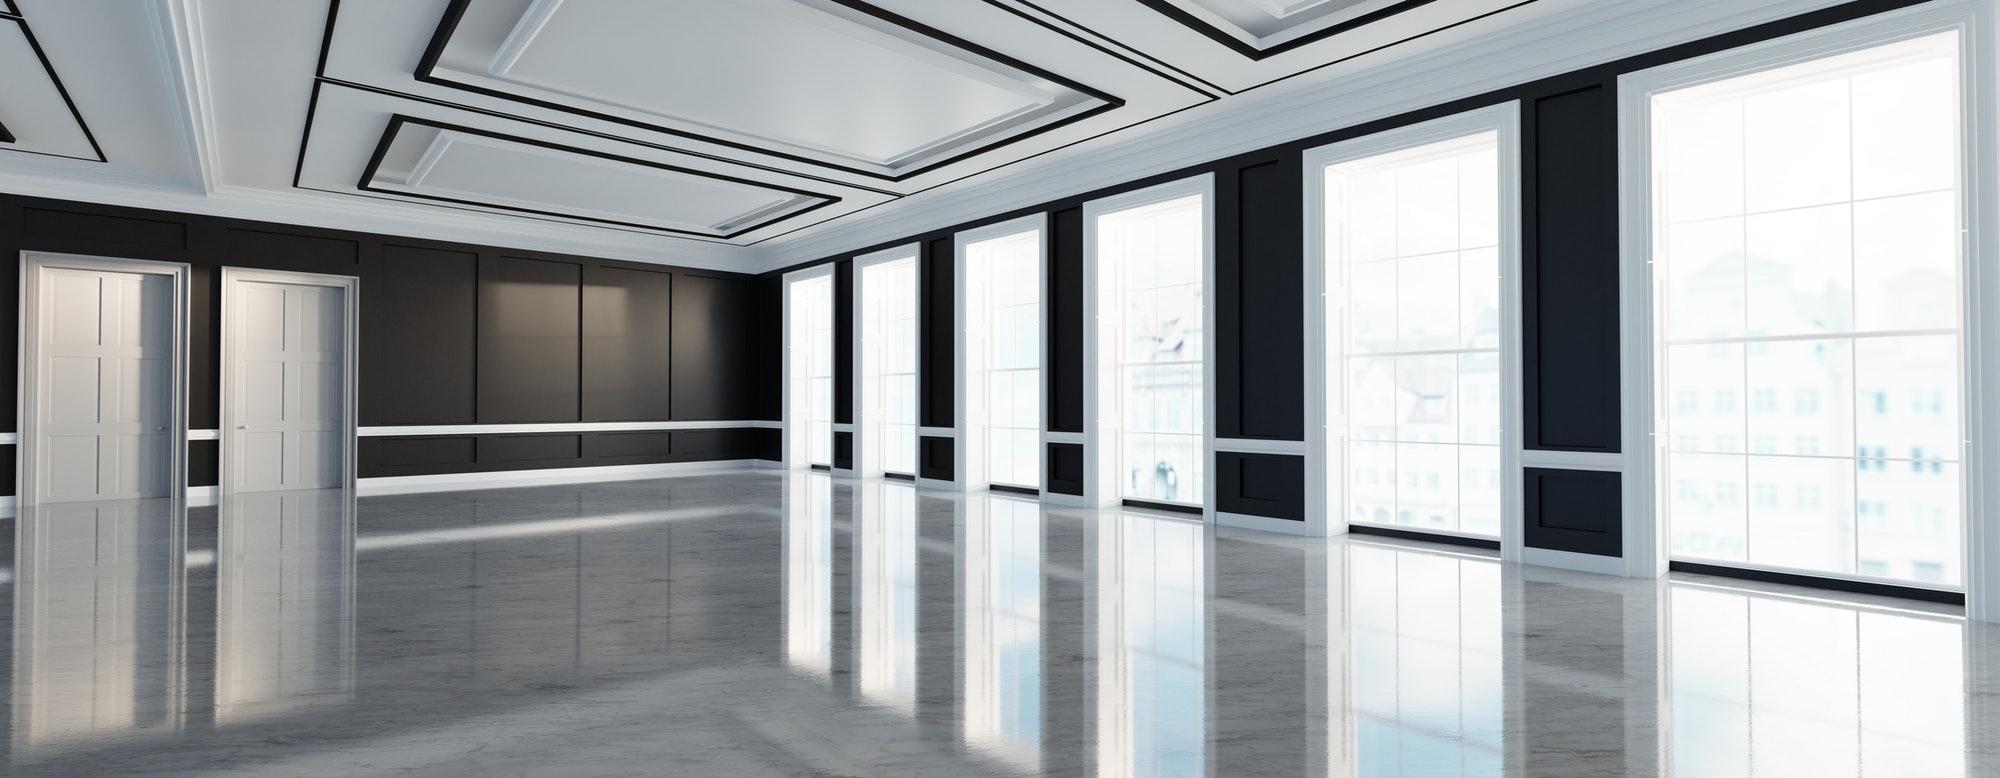 Classic empty interior apartment. Real estate.